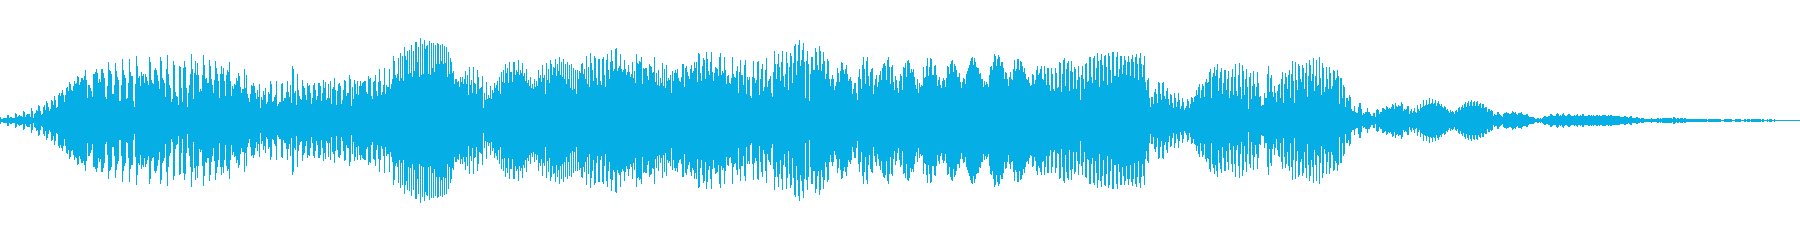 銀河ステップトーンスイープの再生済みの波形